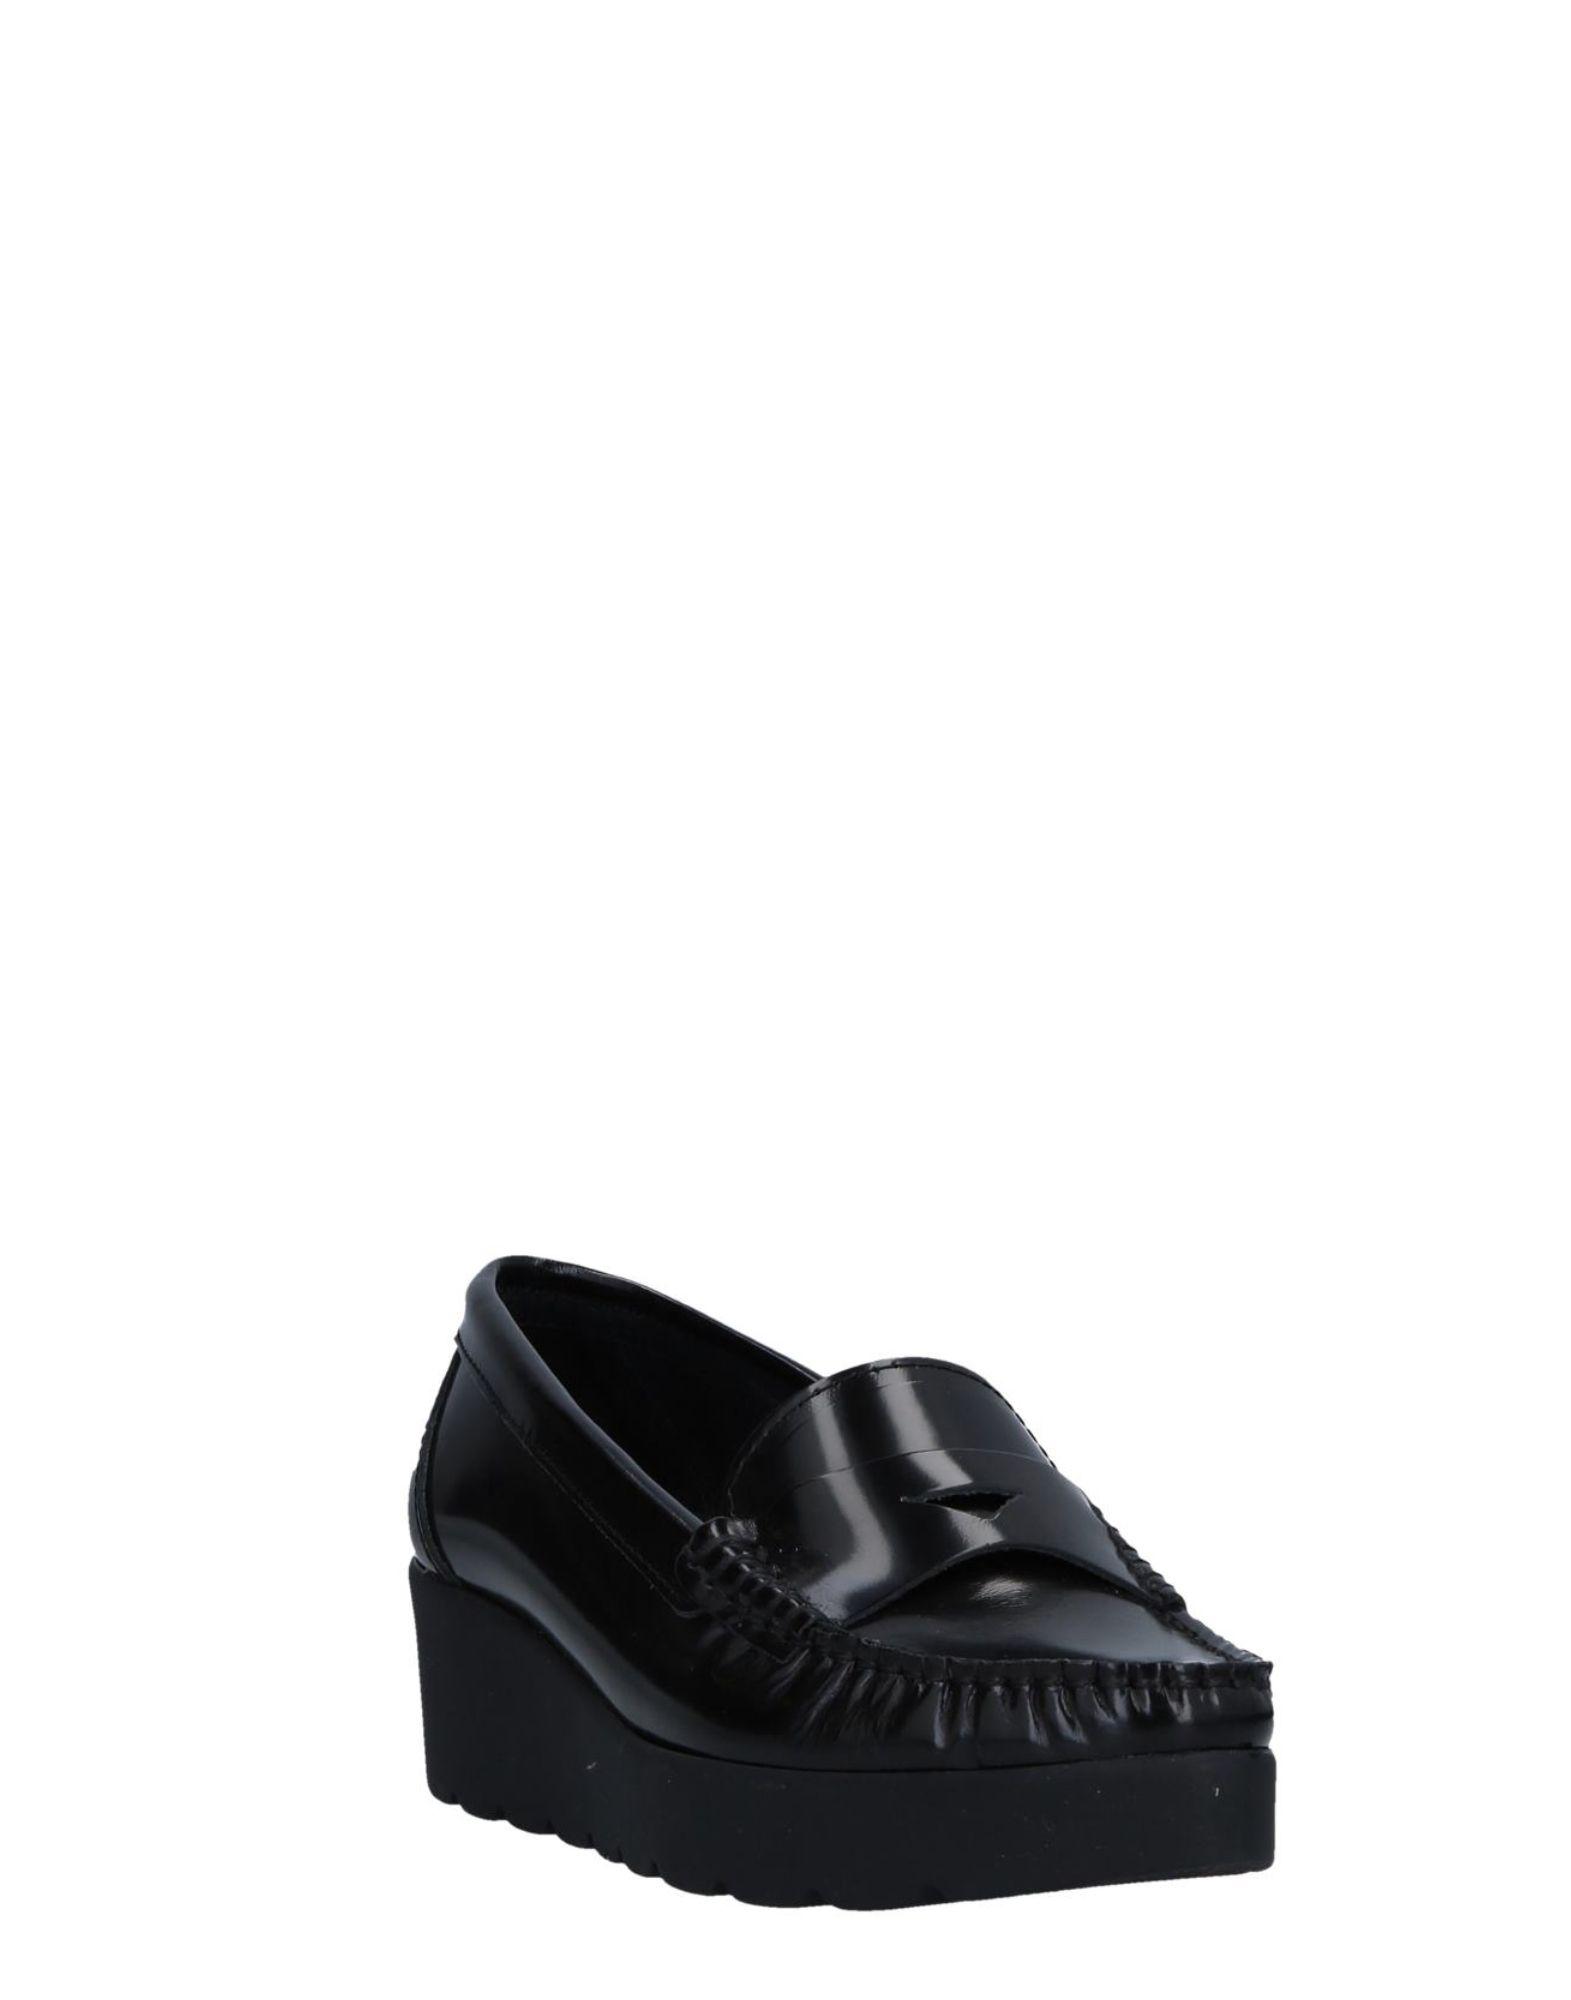 Mi/Mai Mokassins Damen beliebte  11517630OP Gute Qualität beliebte Damen Schuhe f5b391